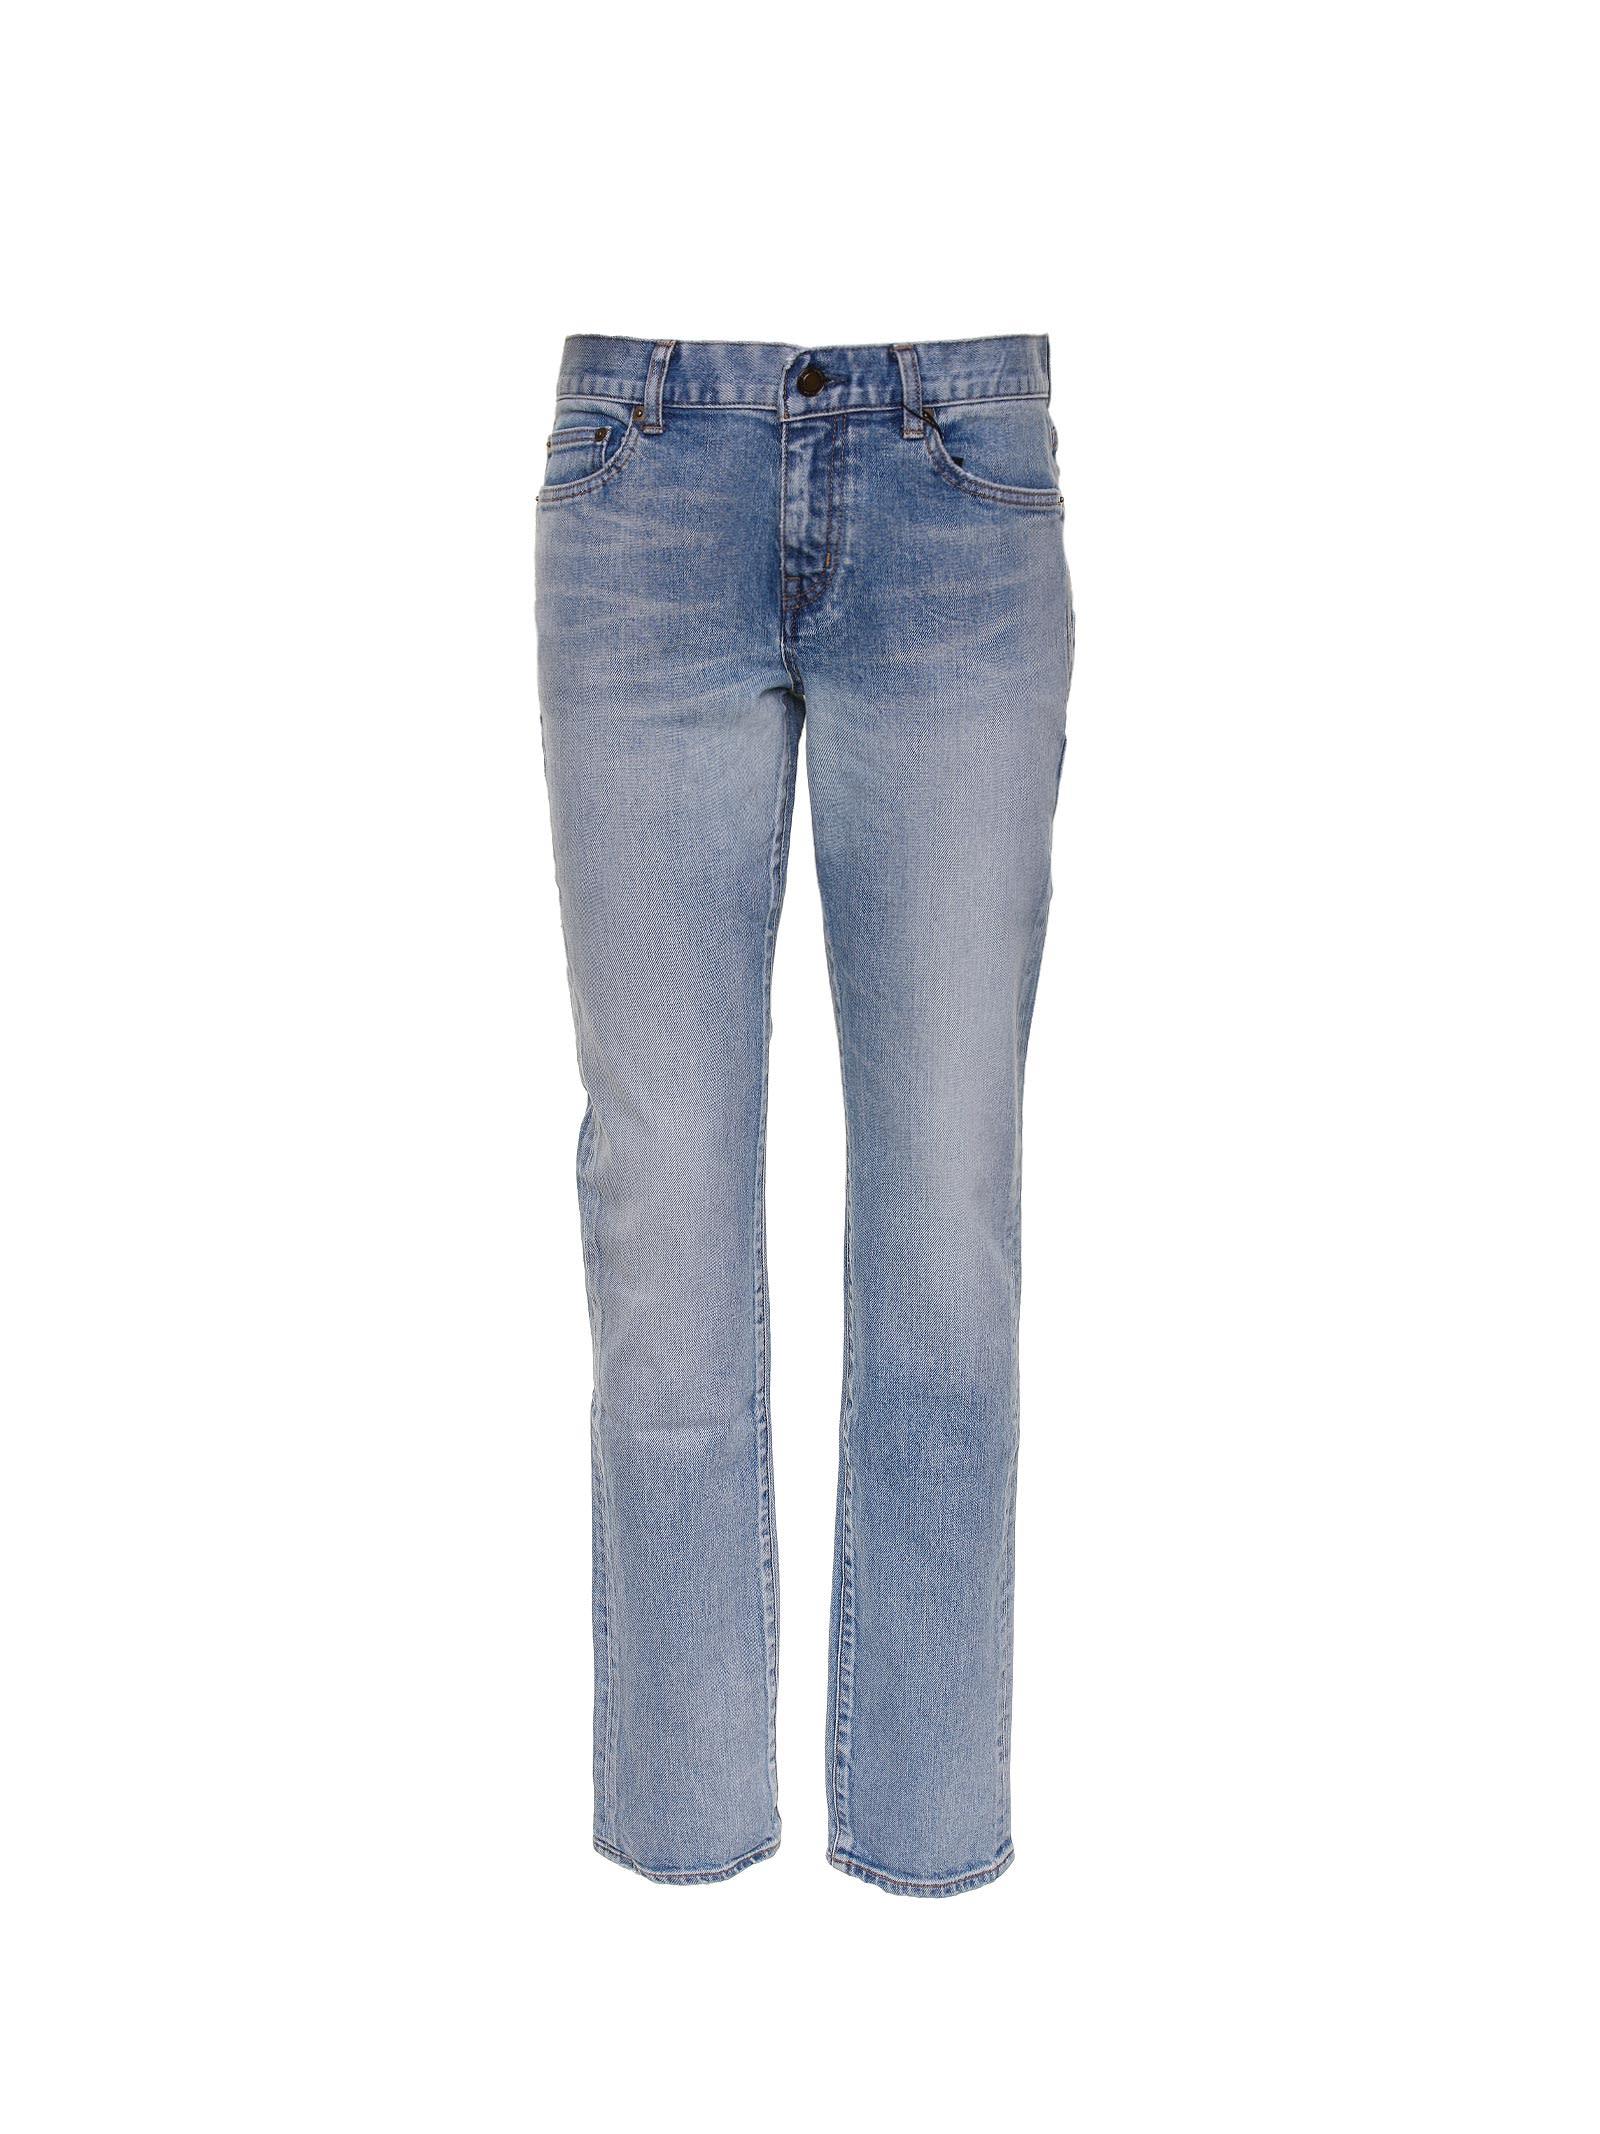 Saint Laurent Saint Laurent Low-rise Skinny Jeans